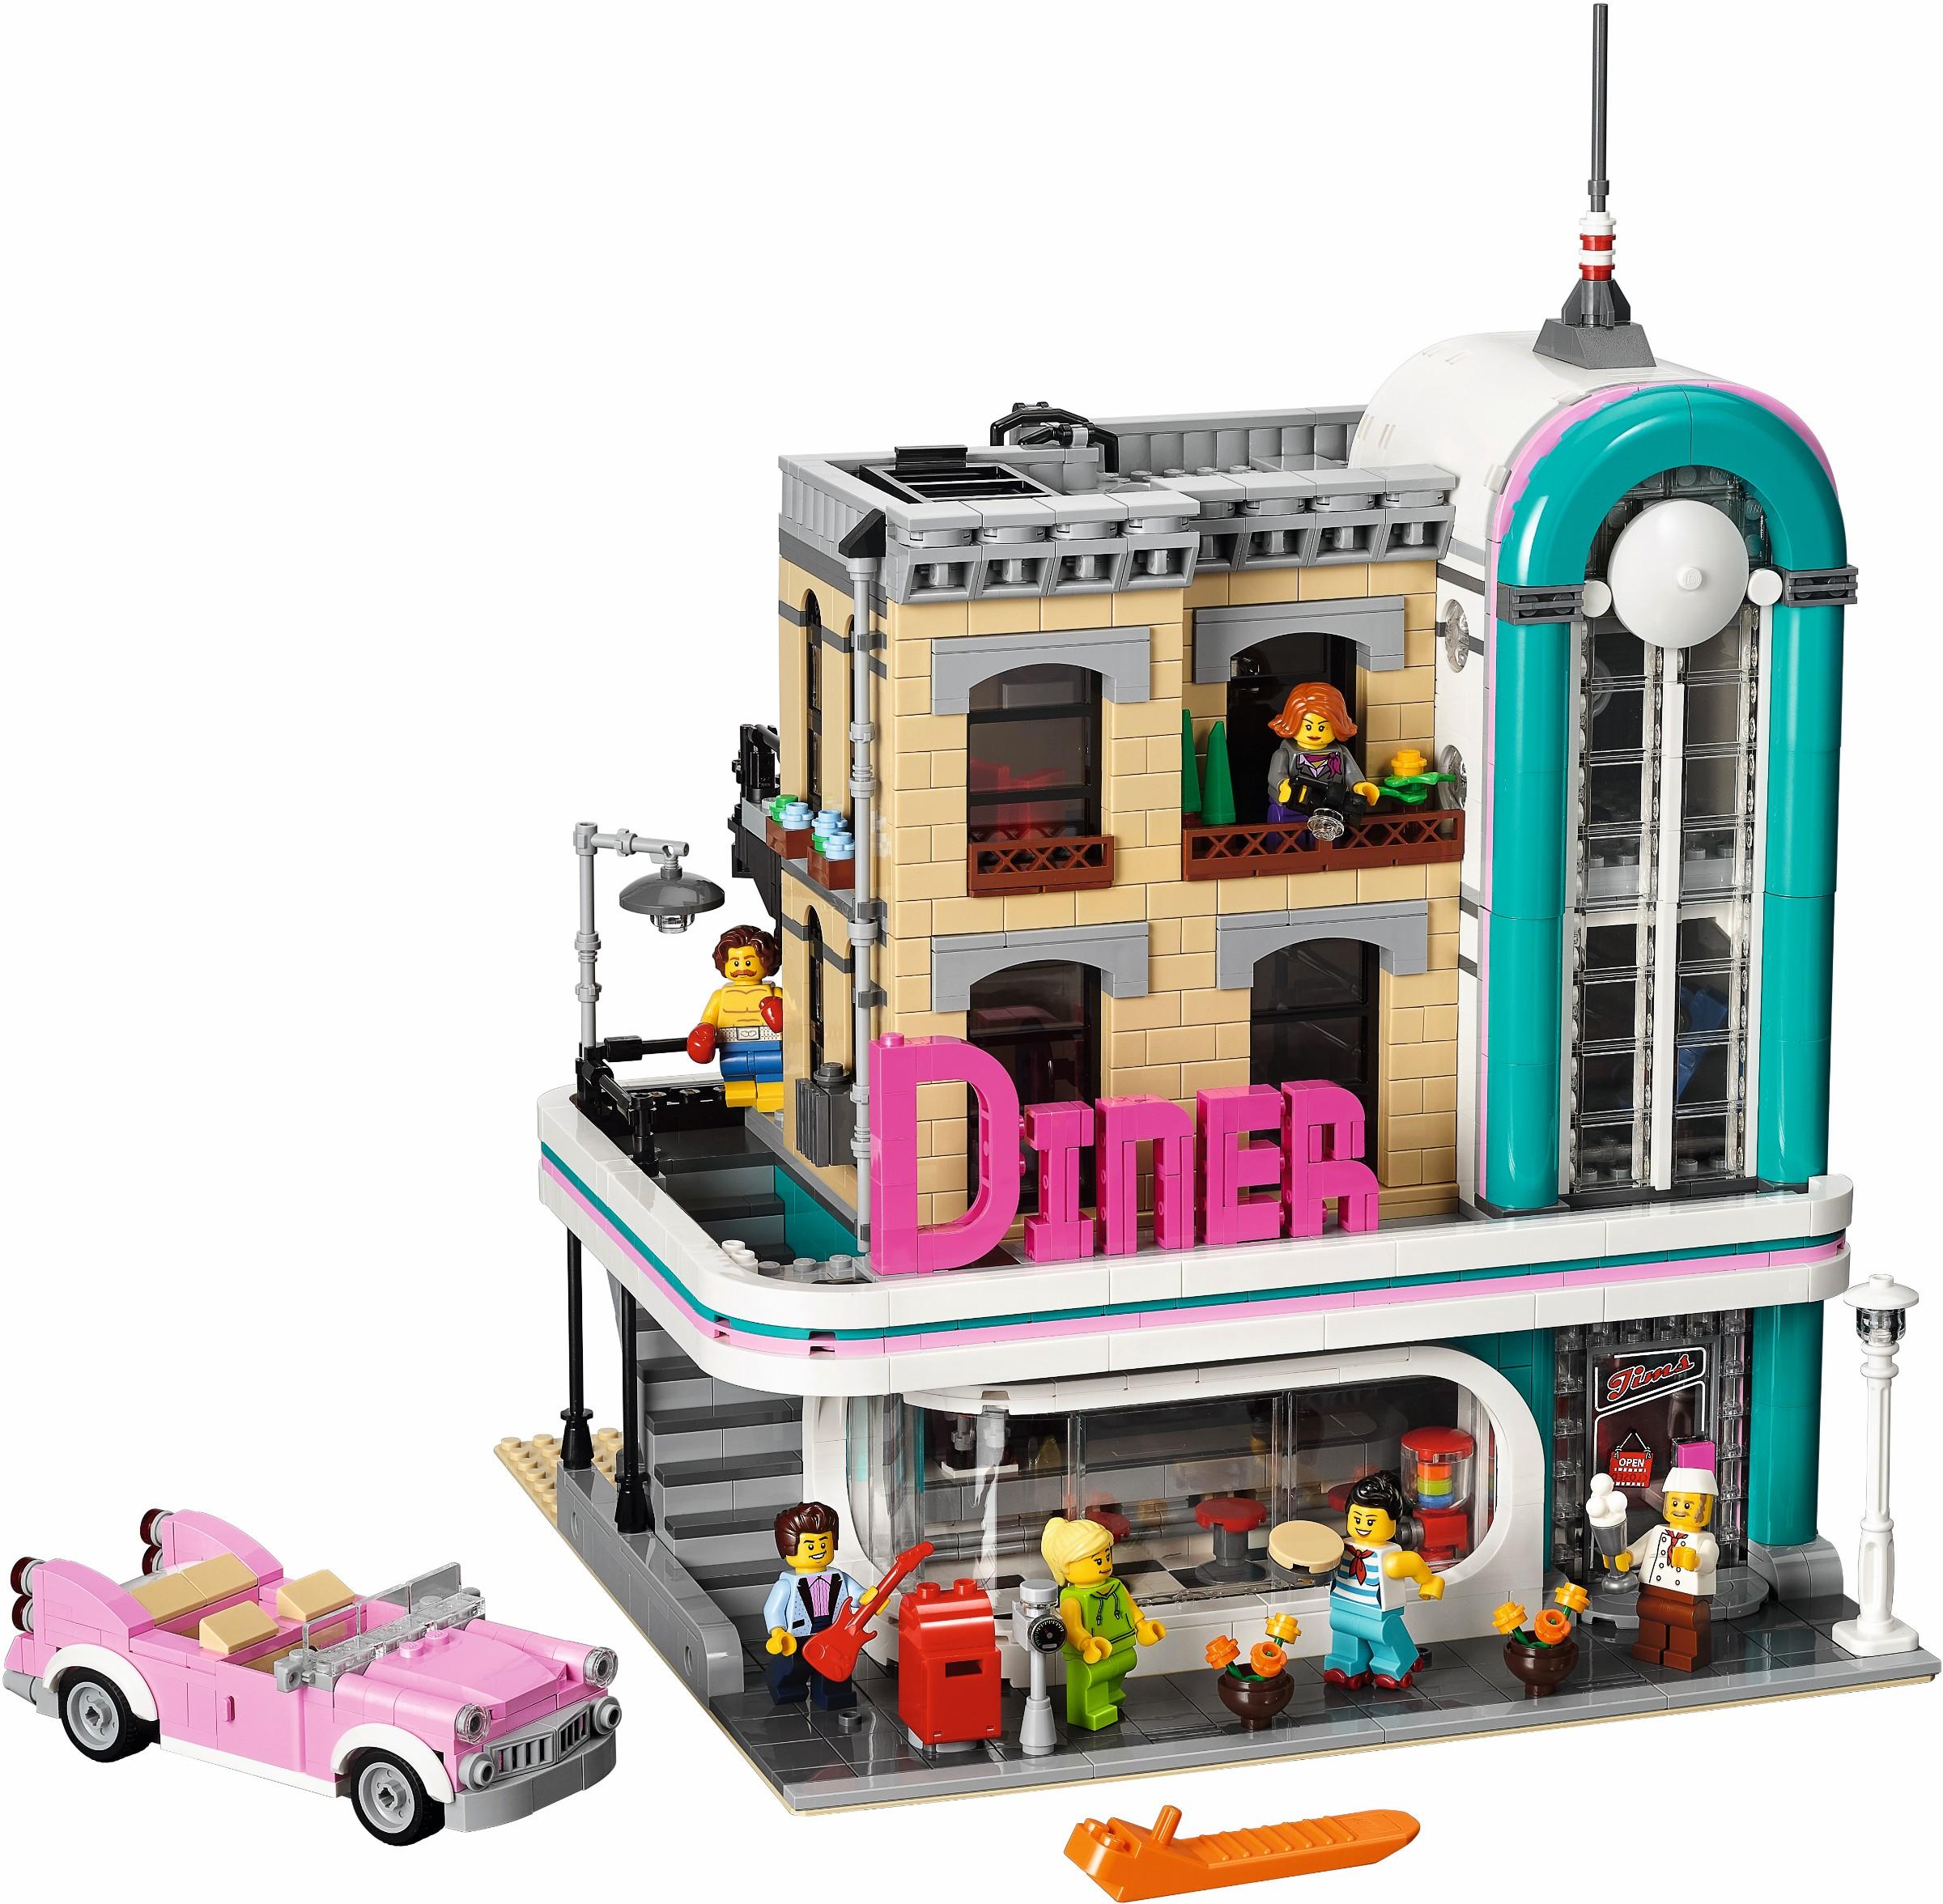 10260 LEGO Creator Downtown Diner - Bộ LEGO Bữa tối ở trung tâm thành phố